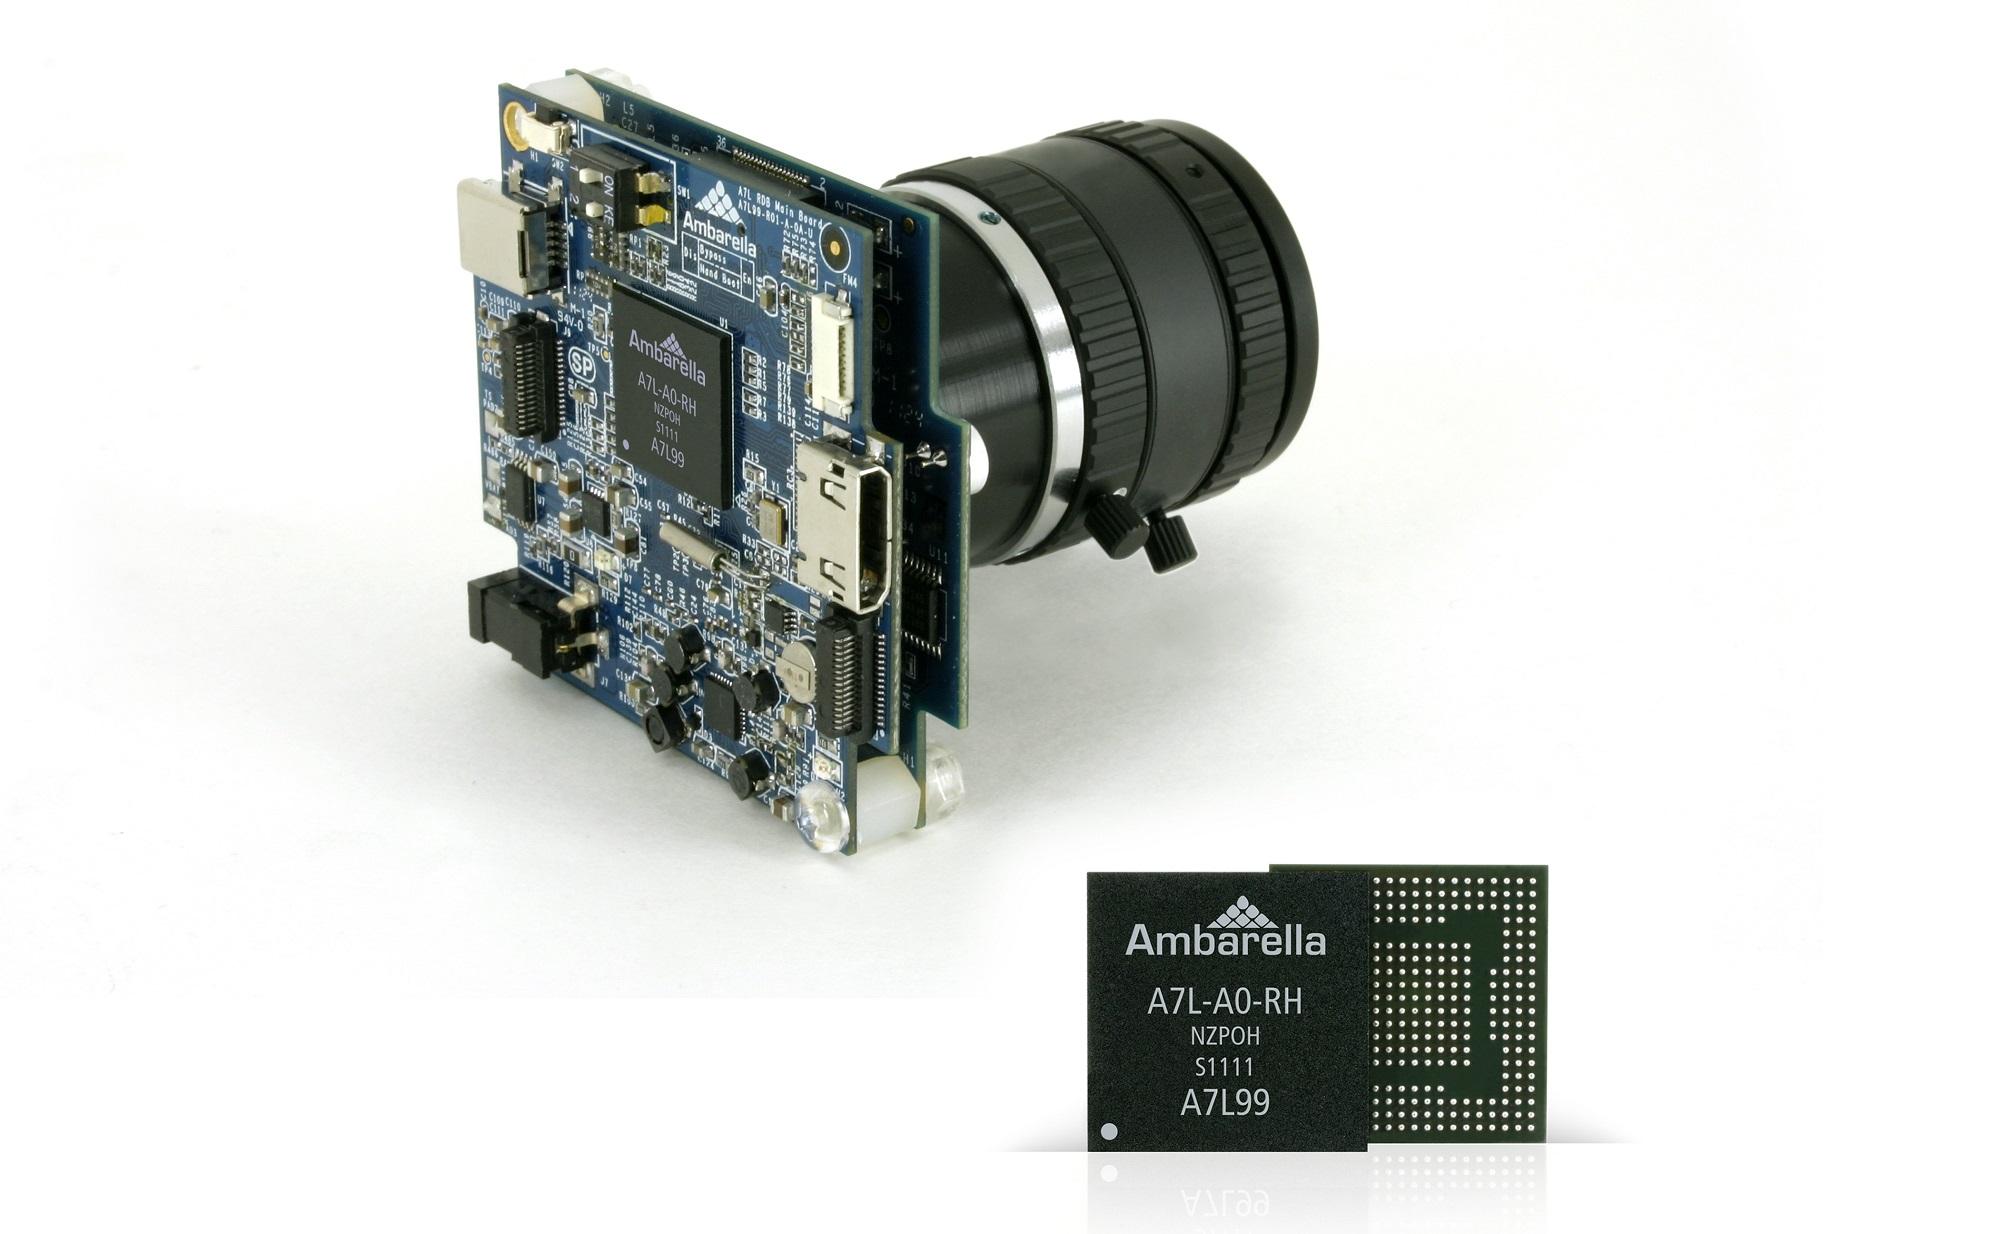 Ambarella chip attached to a camera lense